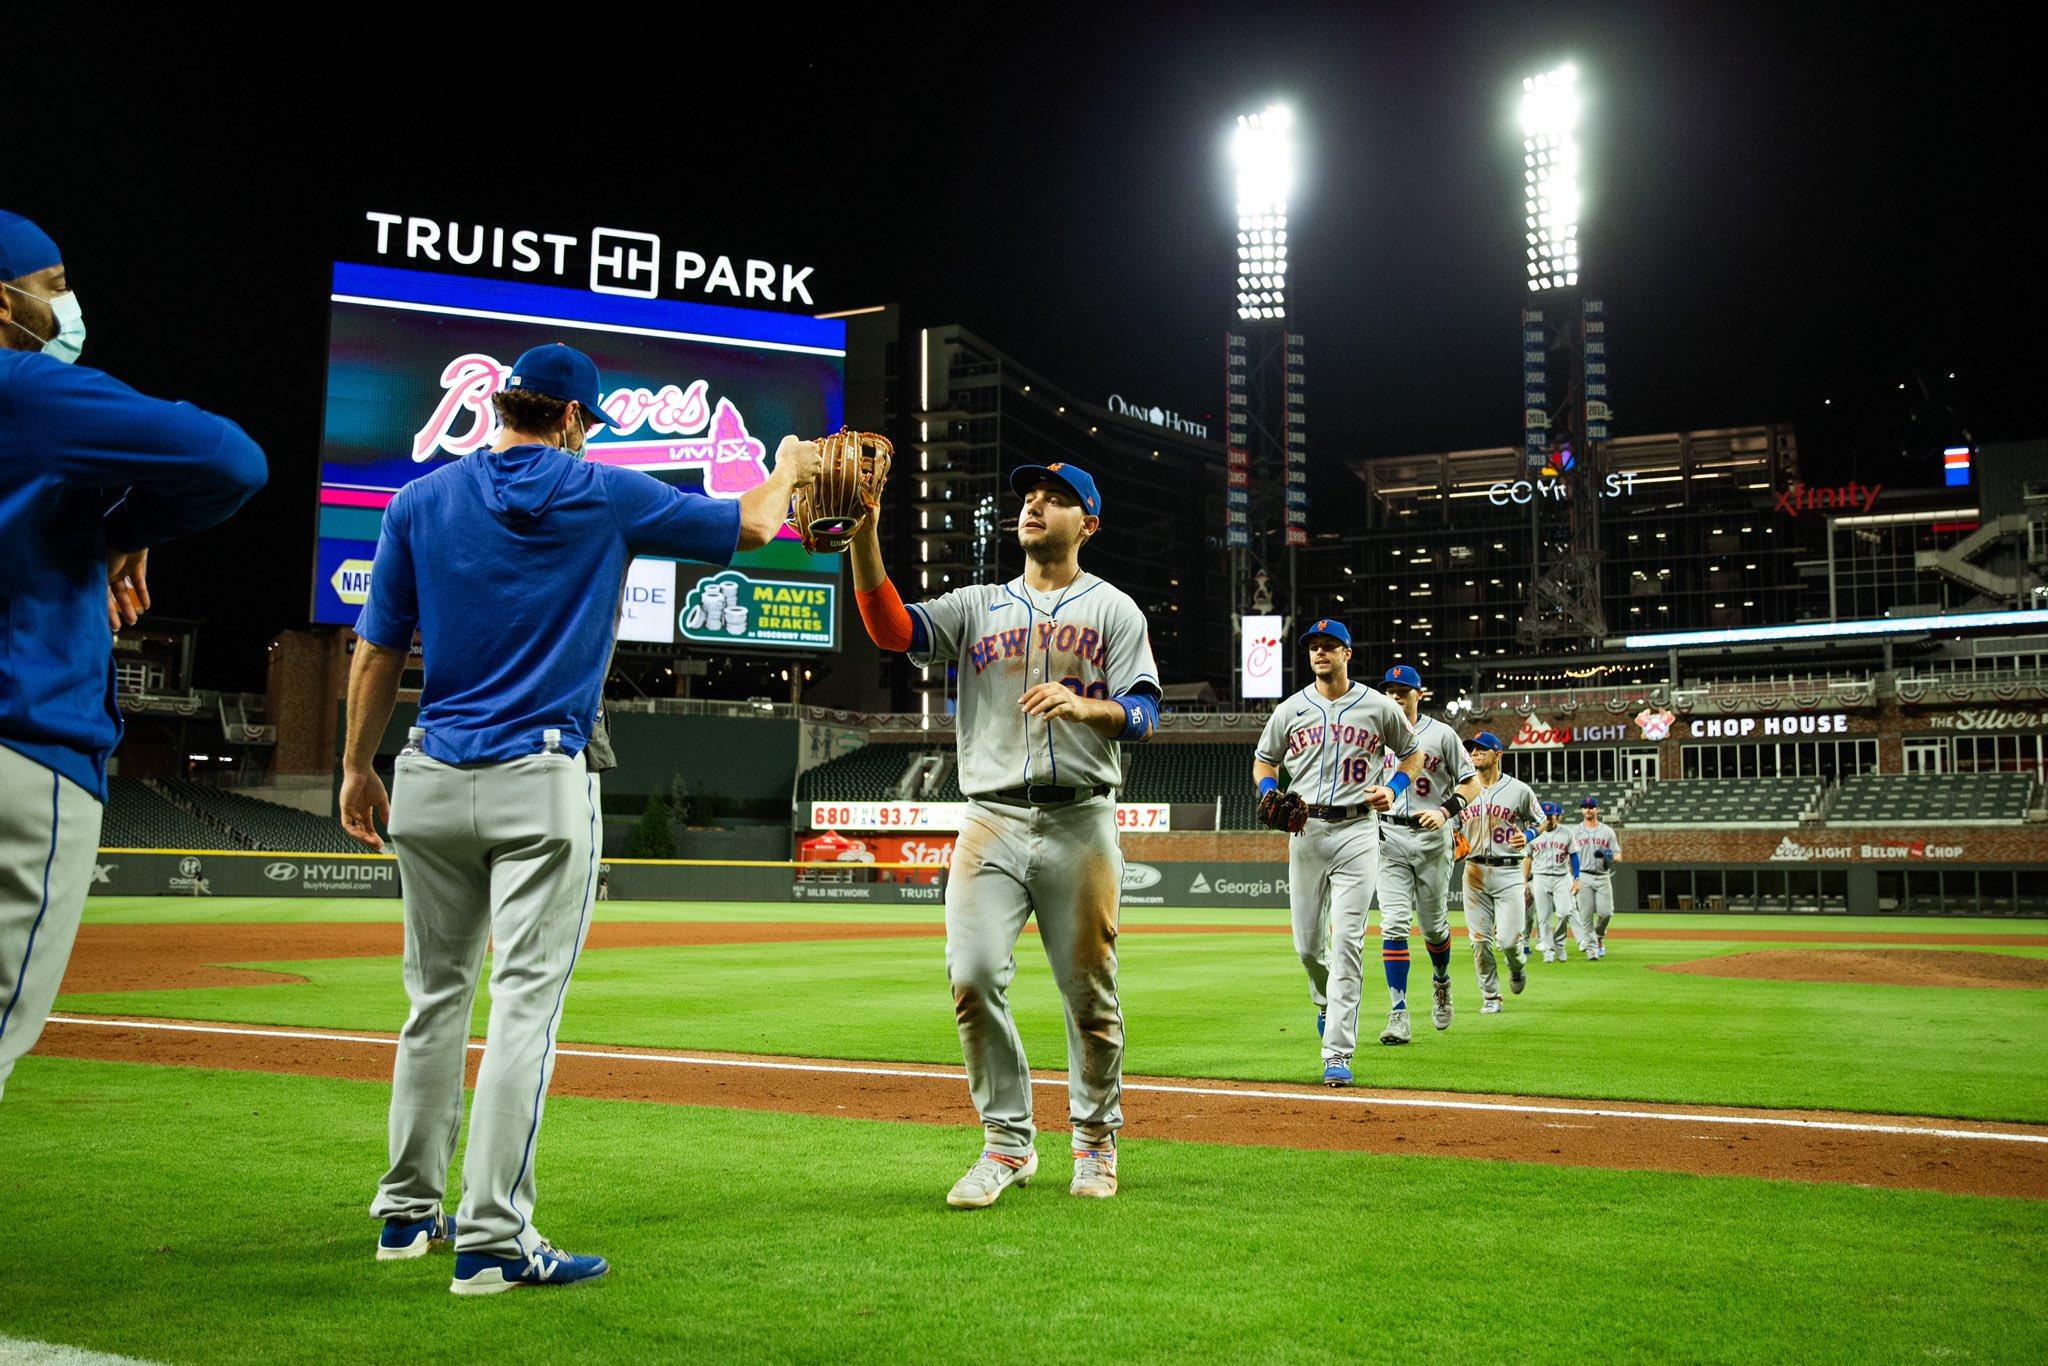 Mets beat Braves 7-2 to snap losing streak